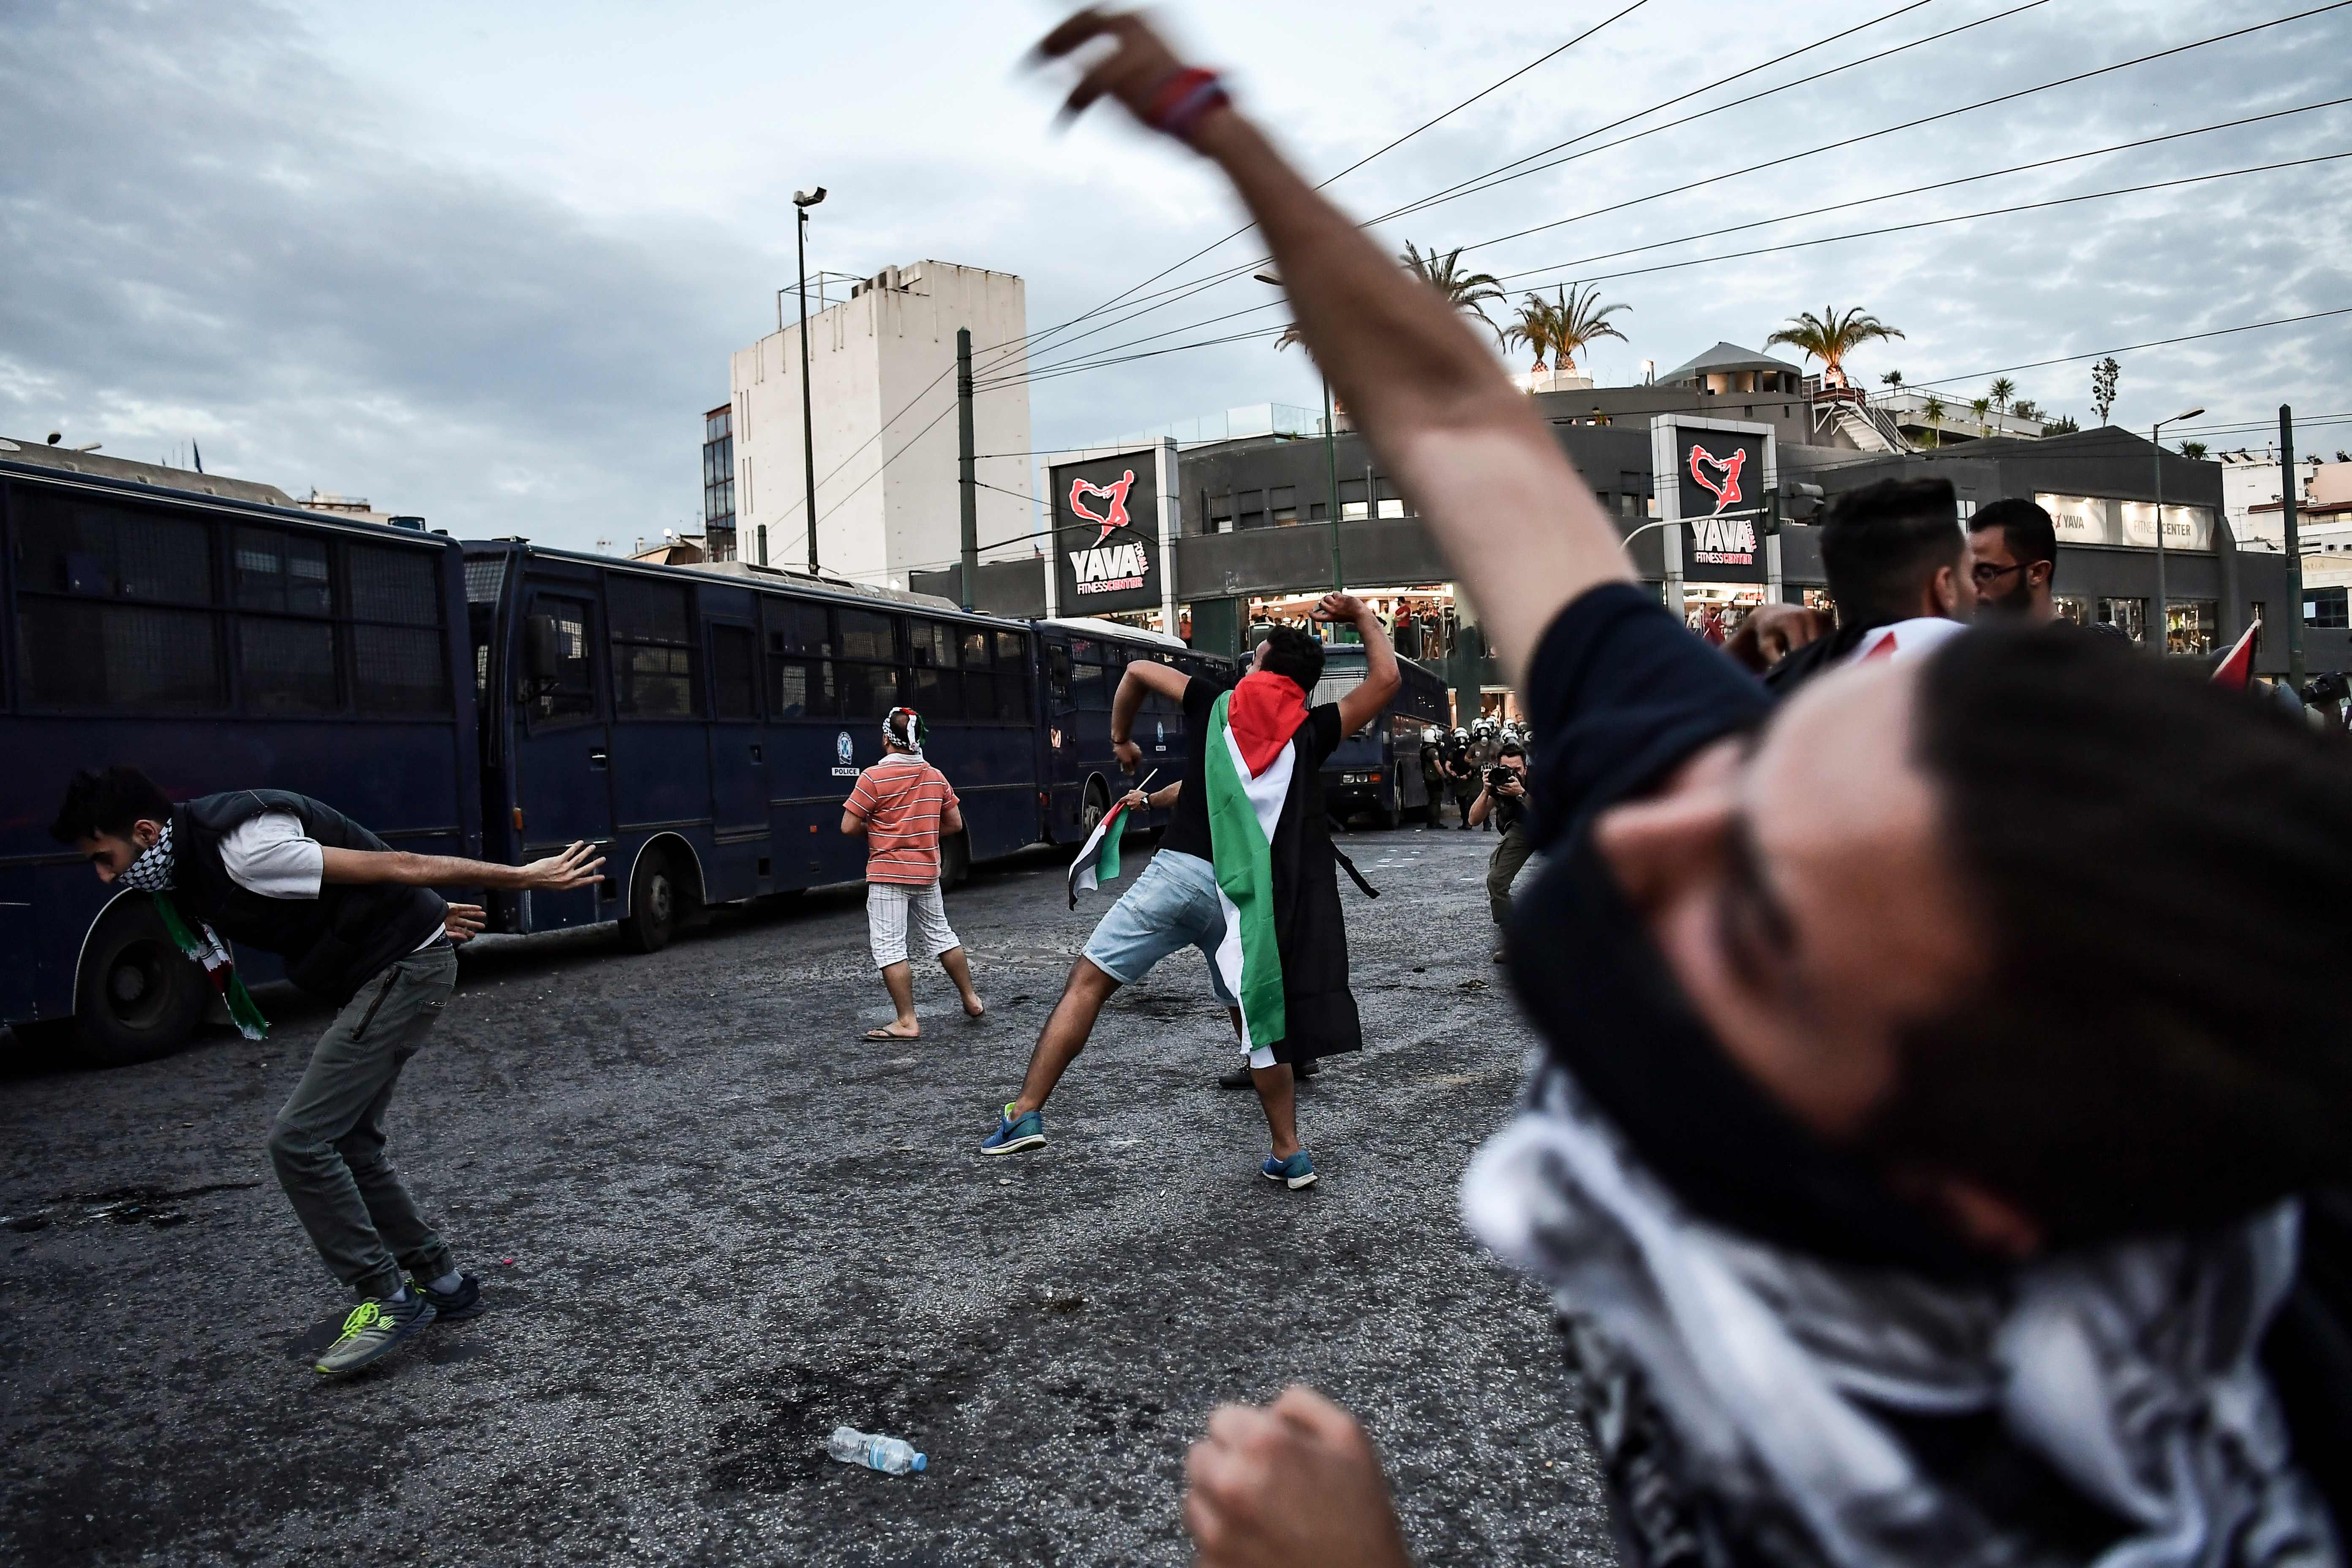 رشق السفارة الإسرائيلية بالحجارة